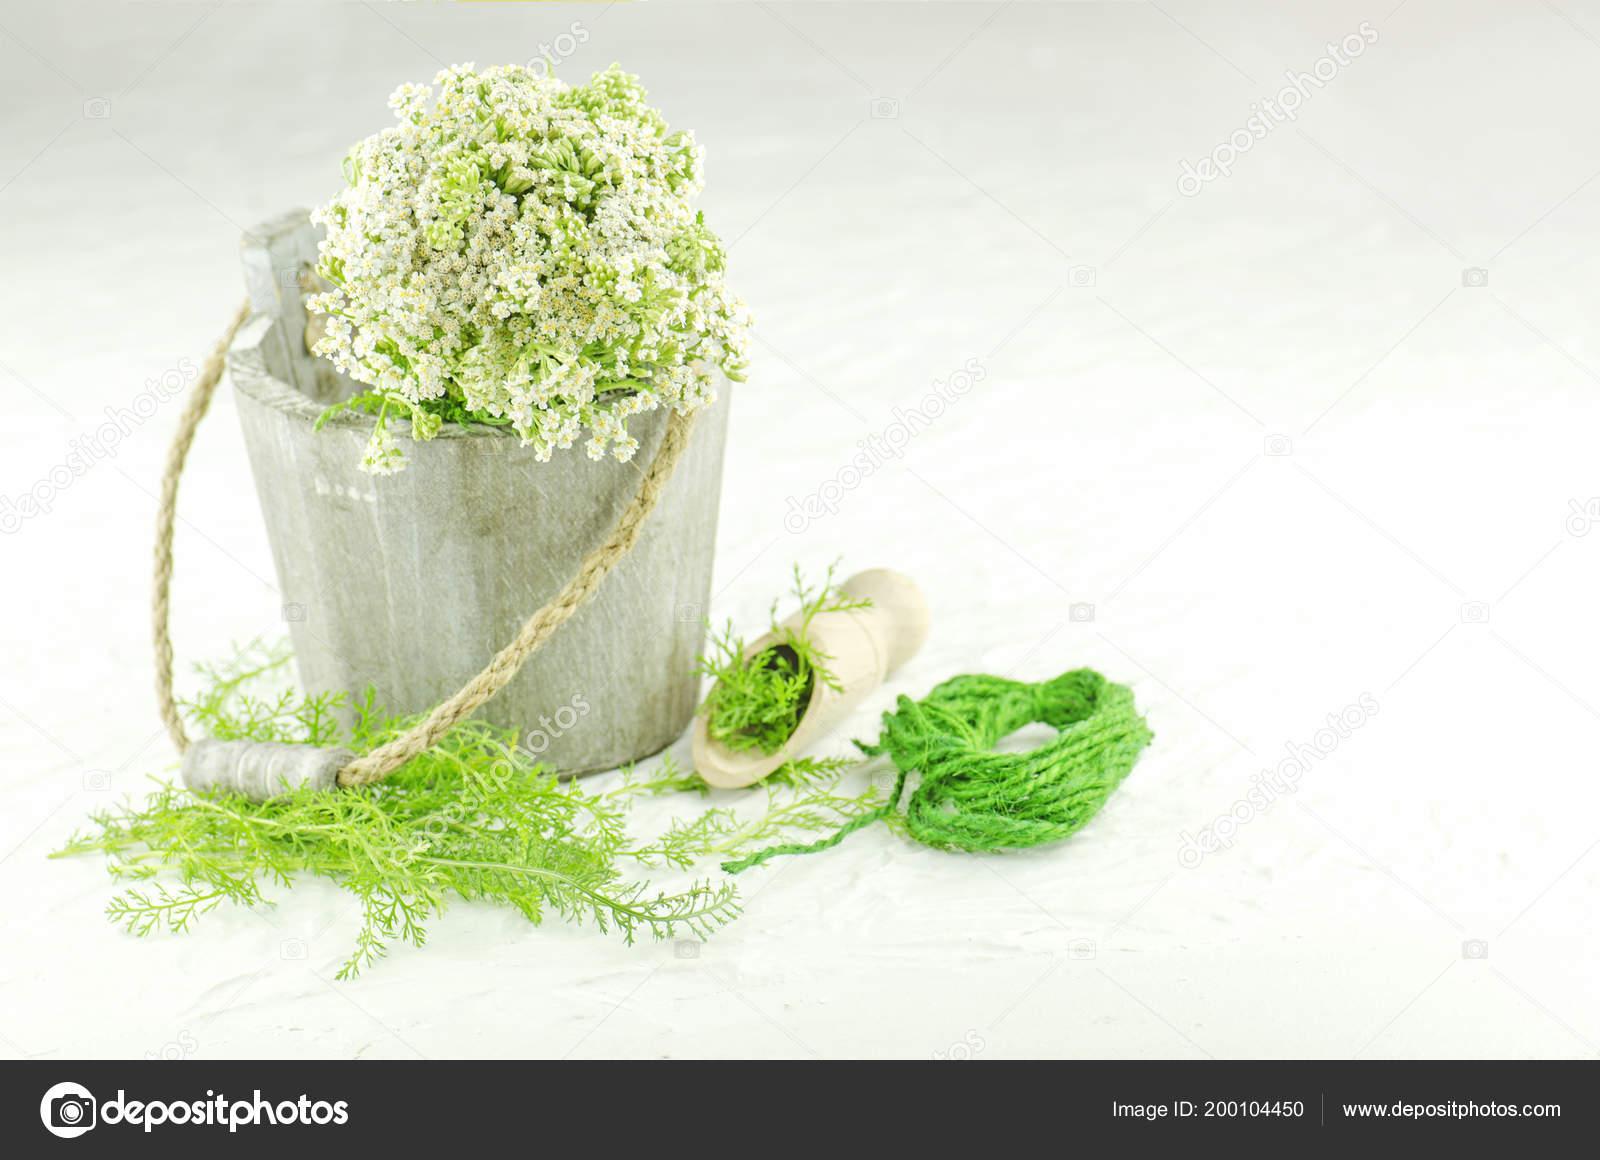 Bunch achillea millefolium white flower bundle yarrow yarrow white bunch achillea millefolium with white flower bundle of yarrow yarrow on white background yarrow in herbal medicine photo by lesichkalll27ail mightylinksfo